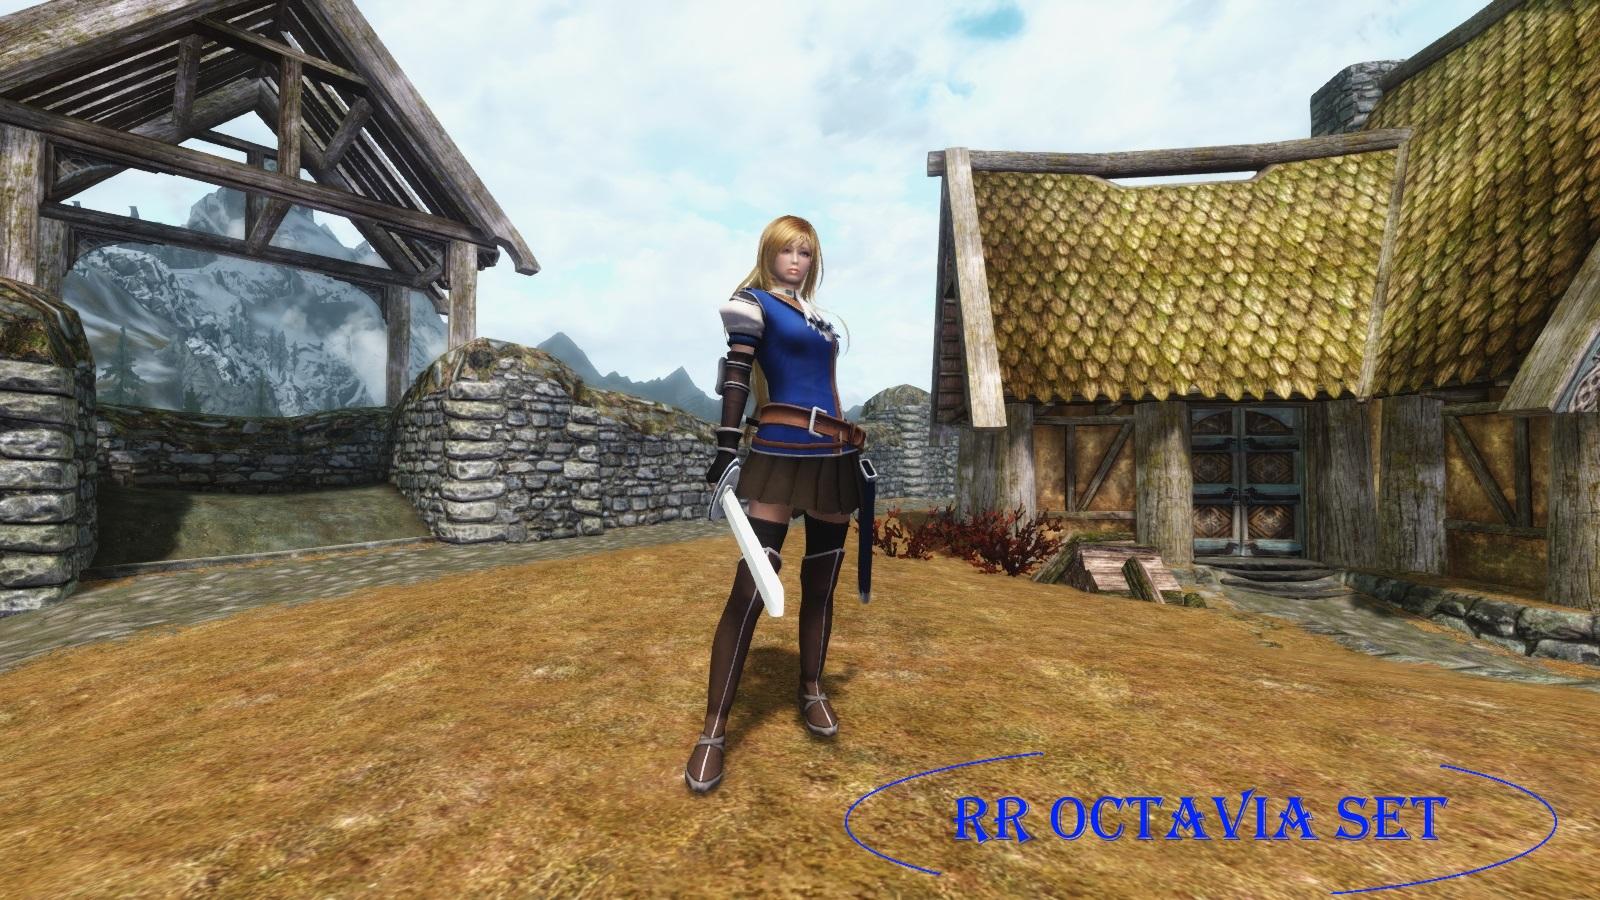 RR_Octavia_Set_L.jpg